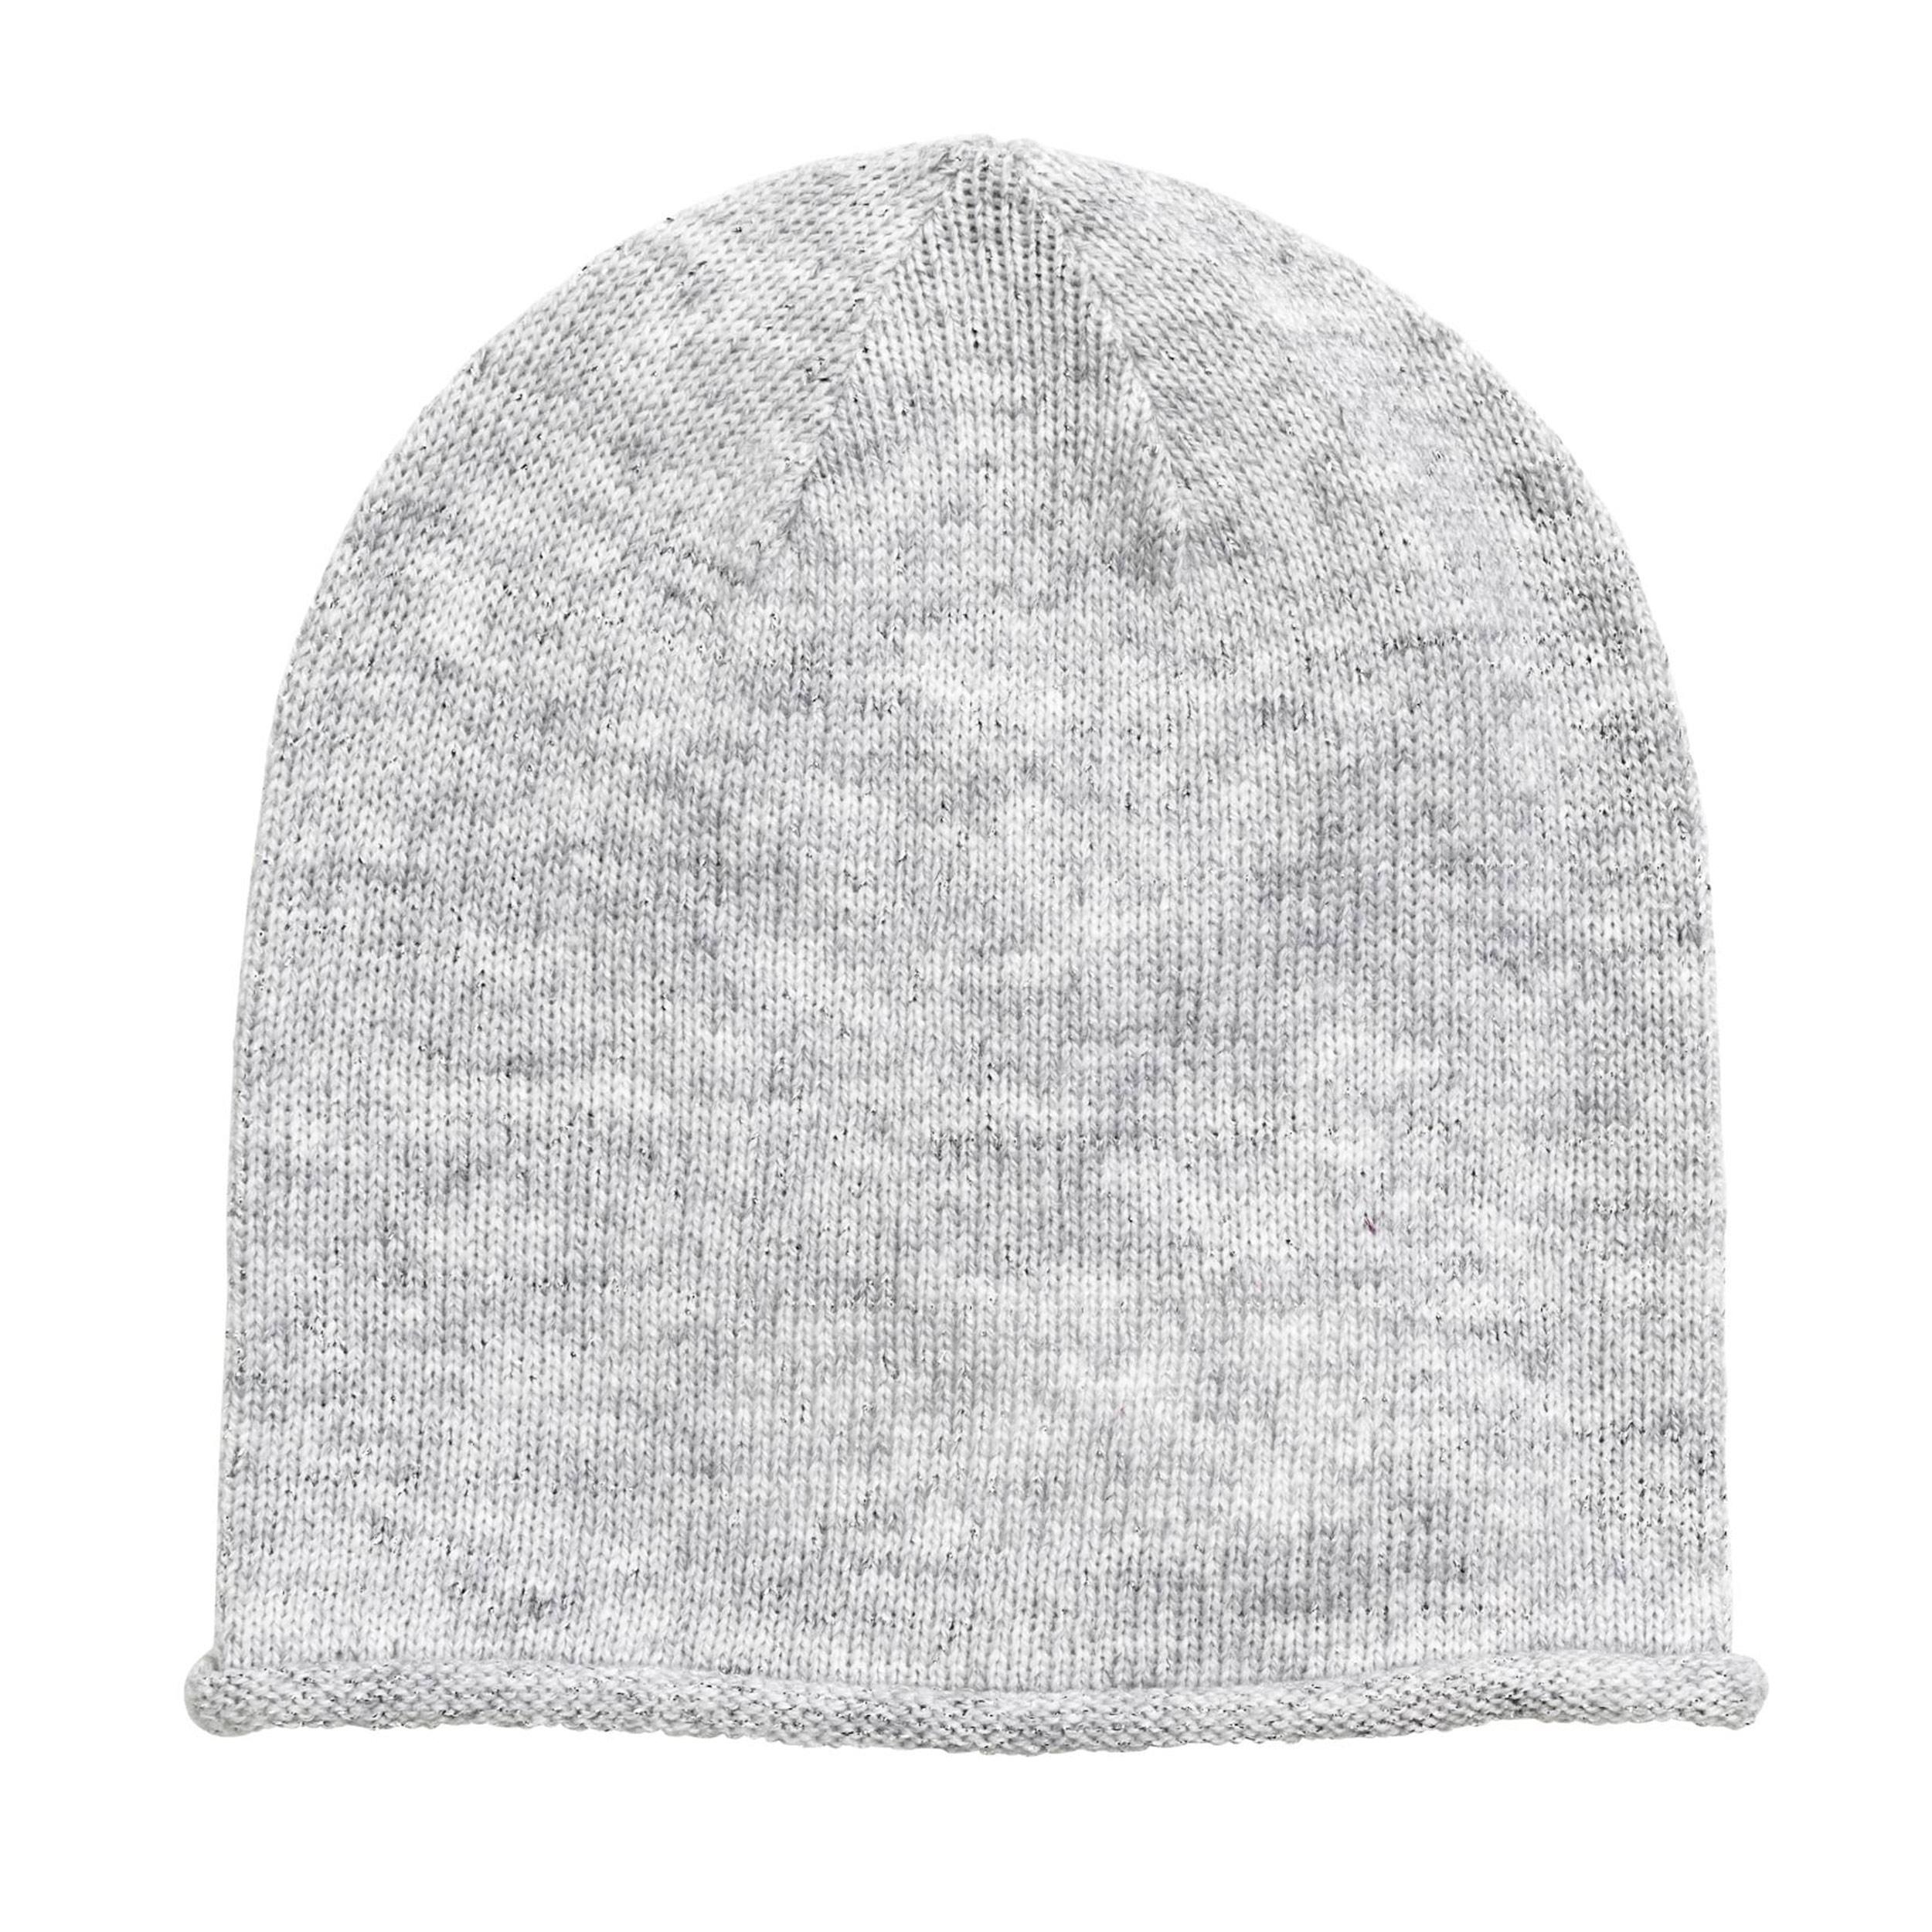 کلاه بافتنی زنانه اچ اند ام کد 048